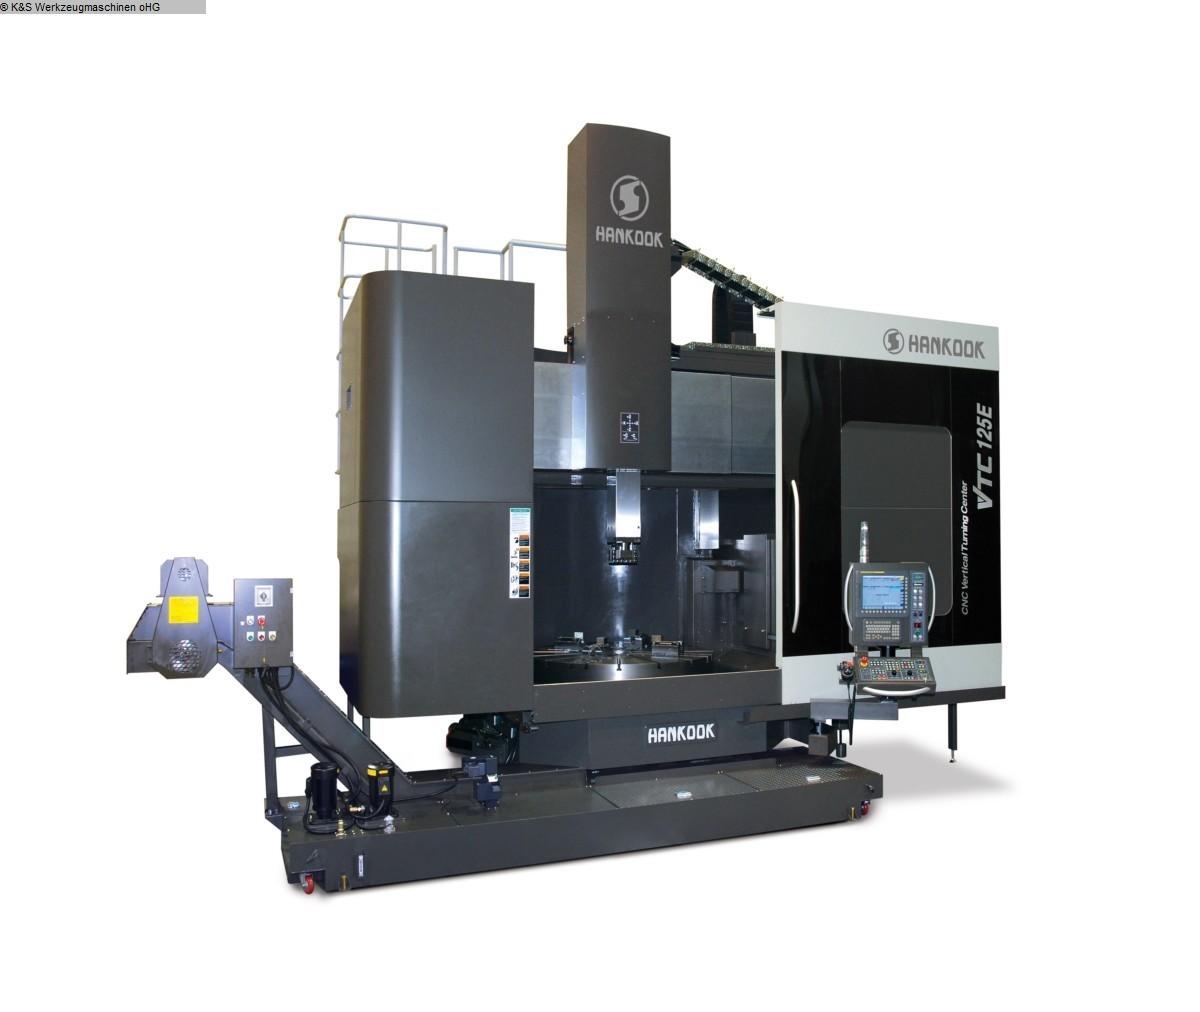 gebrauchte Maschine Karusselldrehmaschine - Einständer HANKOOK VTC-125E